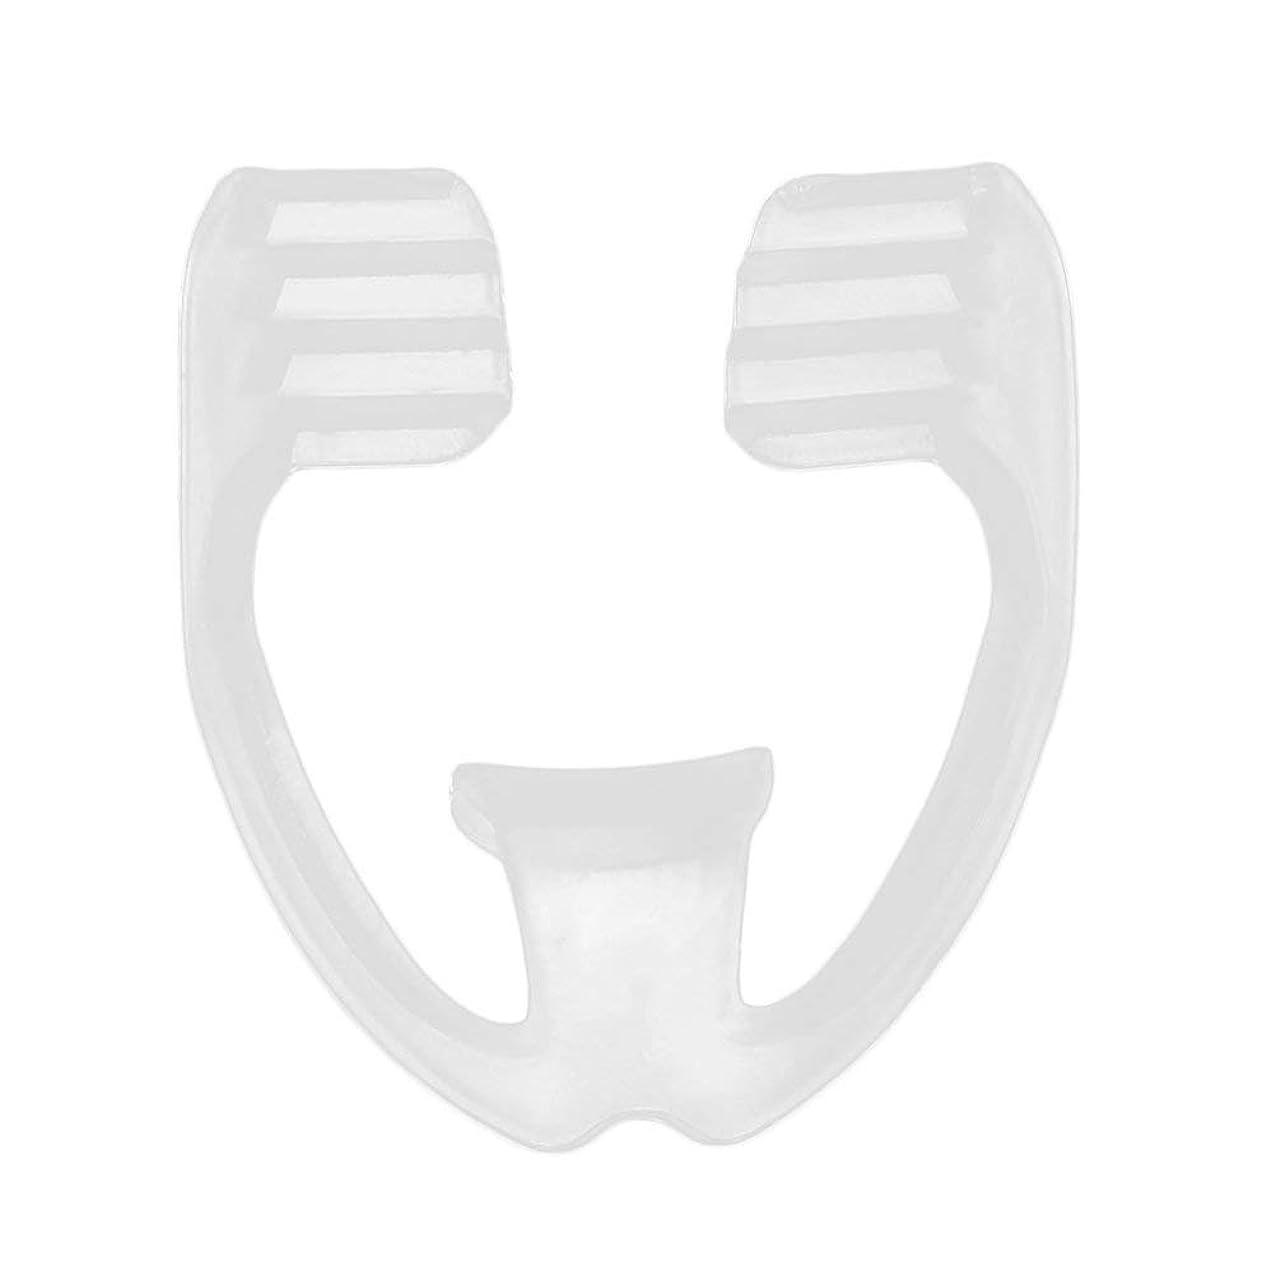 プレミアム作成者優先権ユニバーサルナイトスリープマウスガードストップ歯ひび割れ防止いびきボディヘルスケア睡眠補助ガード - 透明